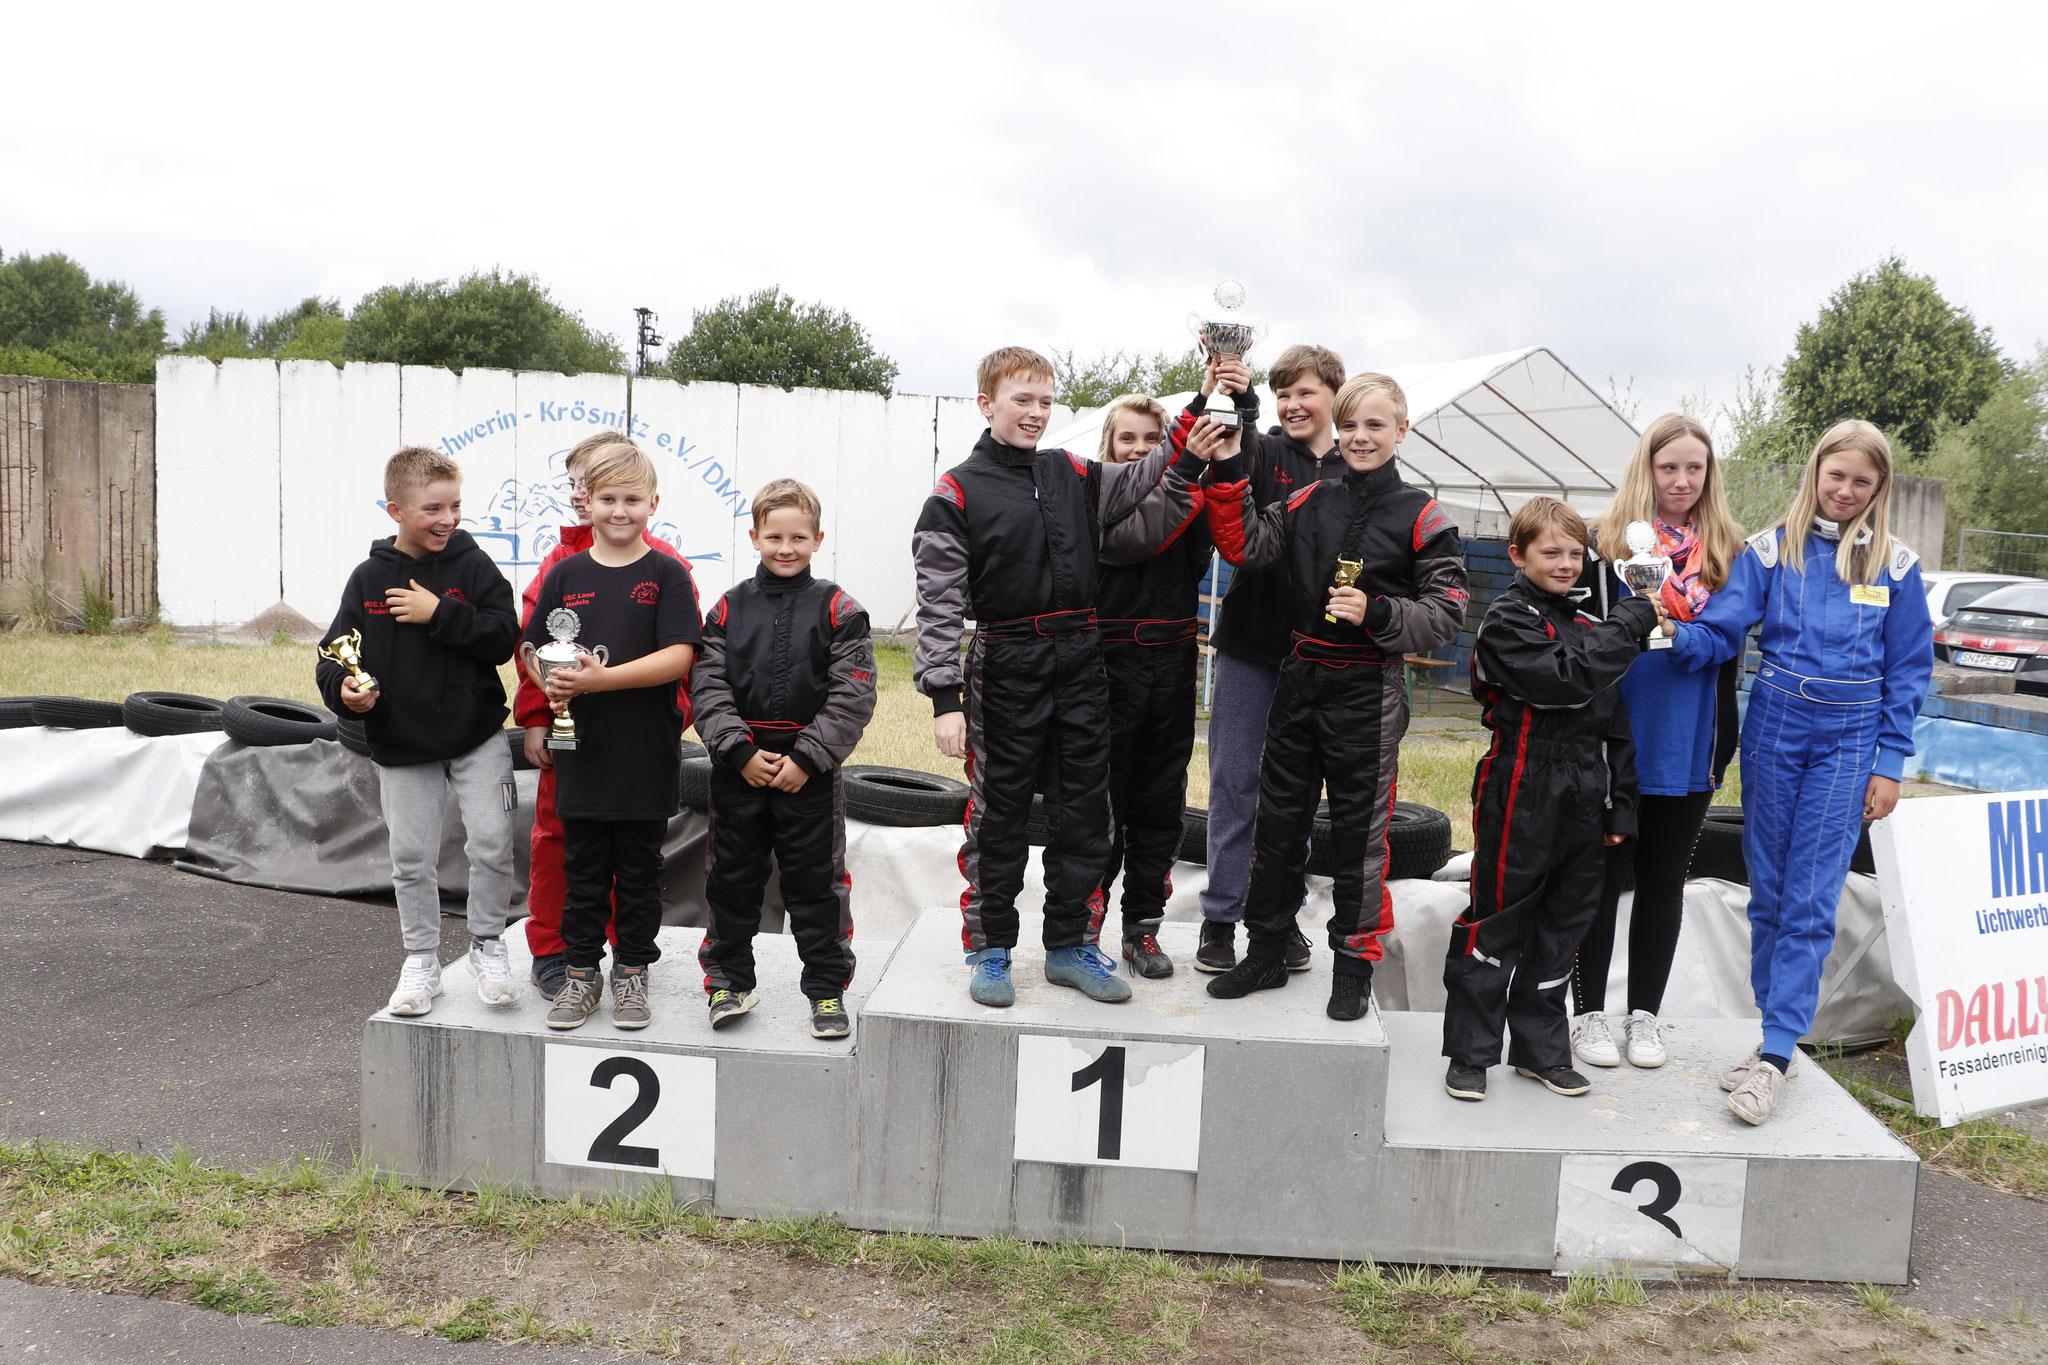 Unsere Mannschaften Youngstars 2 machten einen stolzen zweiten Platz und unsere Youngstars 1 holten sich den Tagessieg